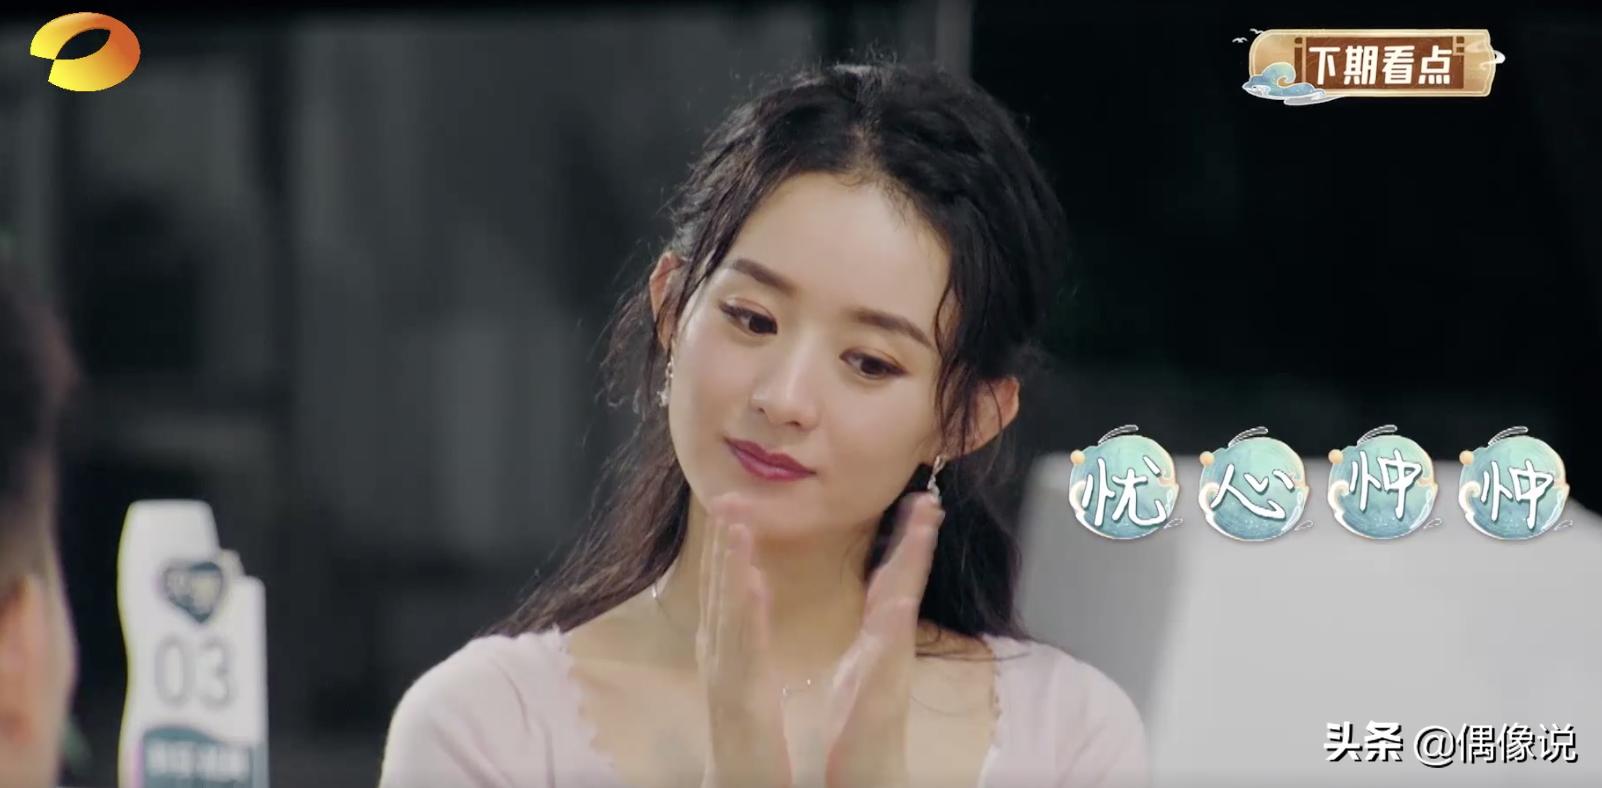 赵丽颖接替黄晓明当《中餐厅4》店长,不到一天就哭,原因有两点